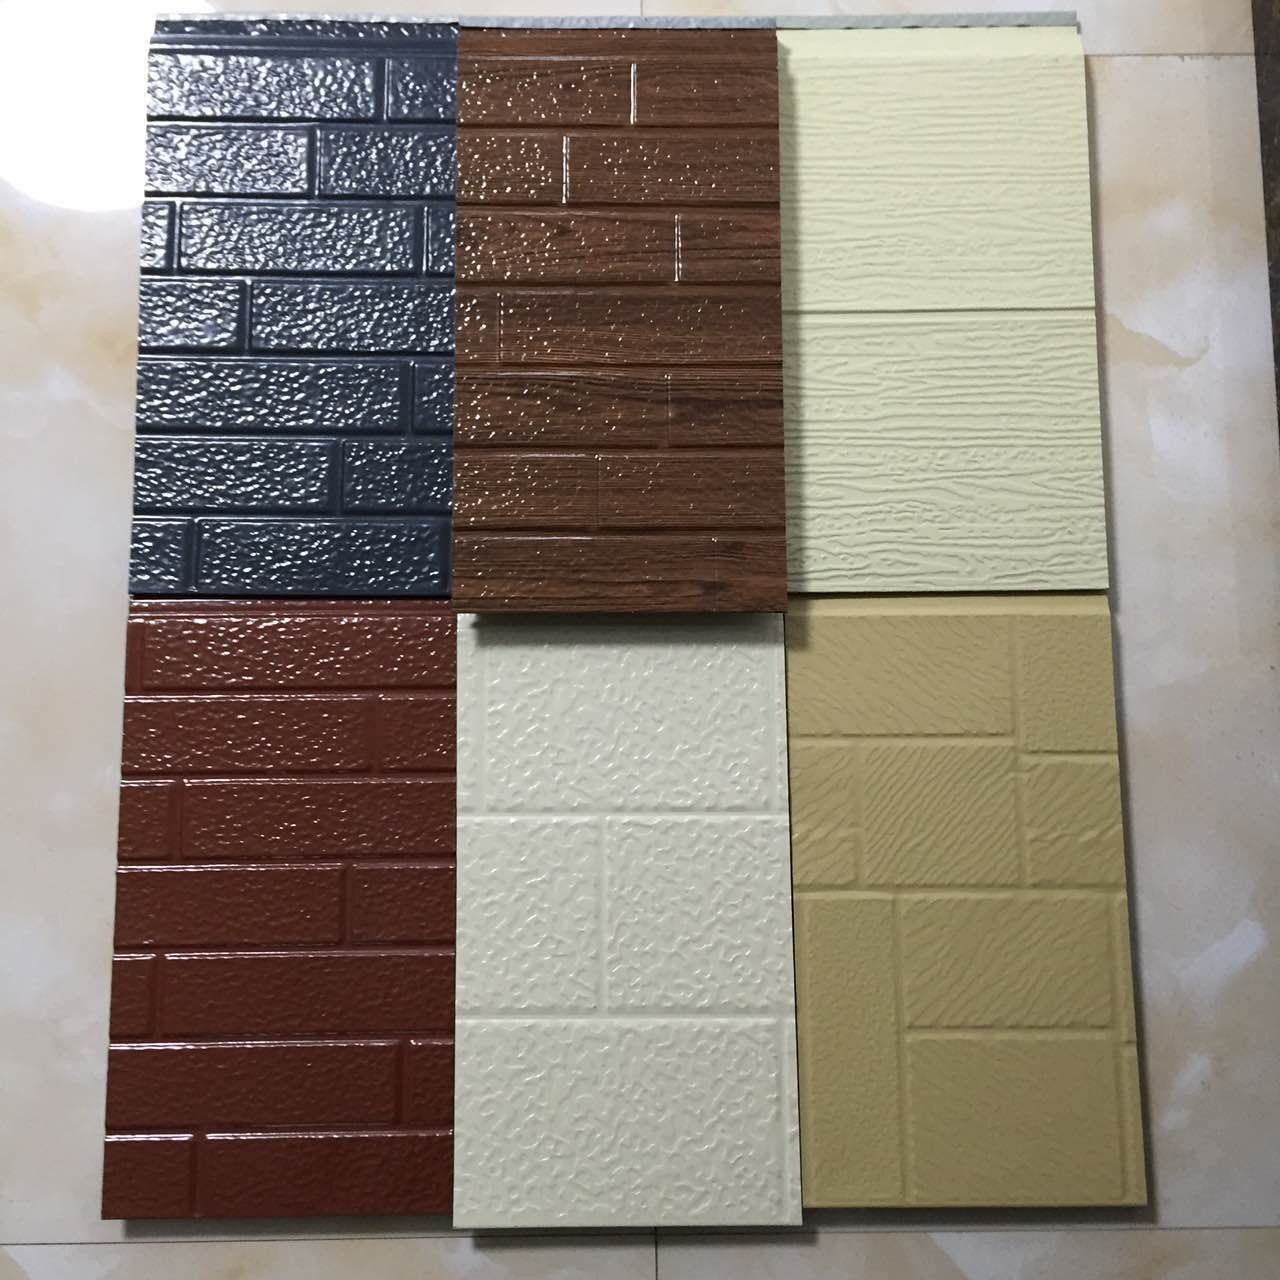 环卫工人休息室外墙装饰板2公分厚砖纹金属雕花保温板